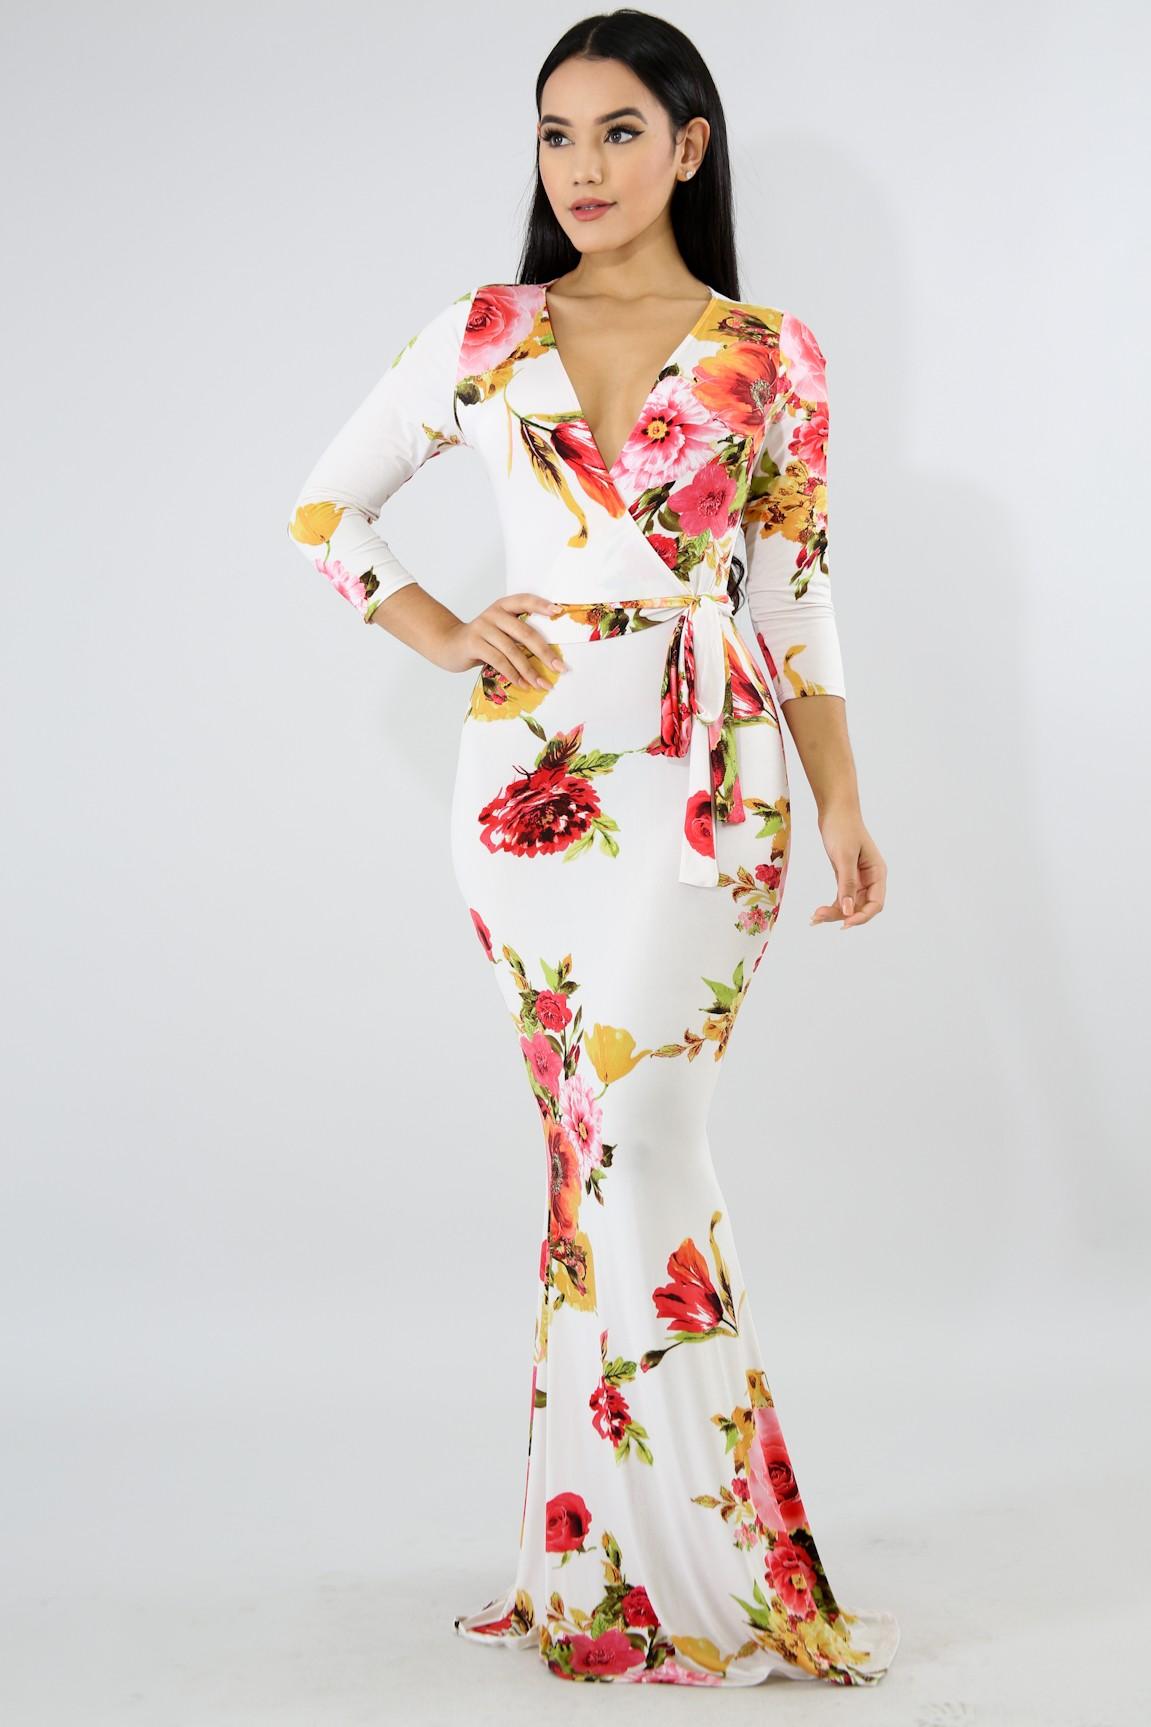 d8ba4cb6b94 Floral Maxi Dress